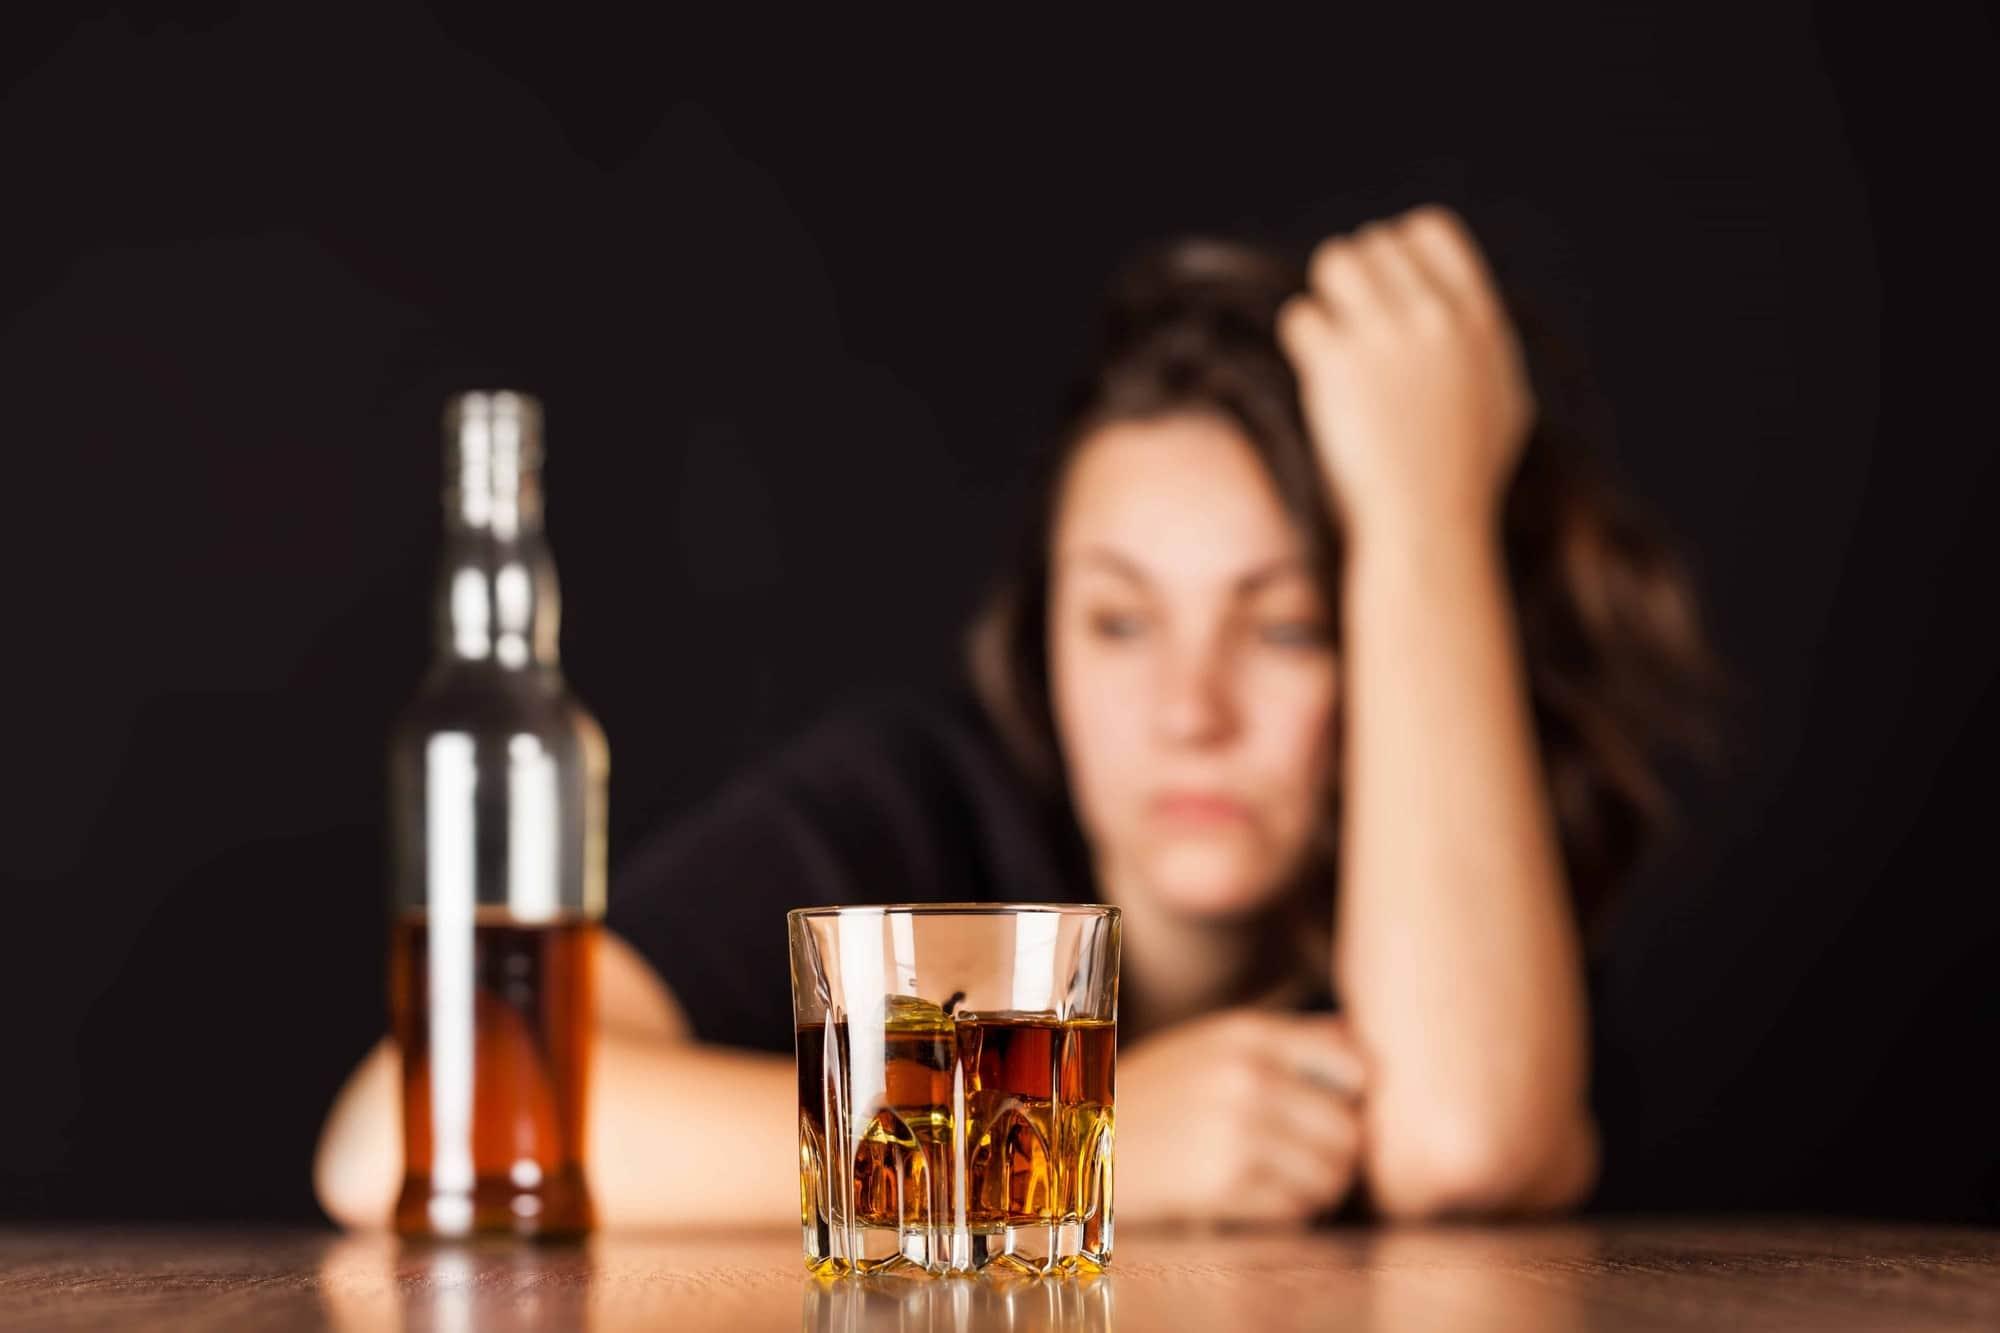 Почему некоторые люди склонны к алкоголизму больше других